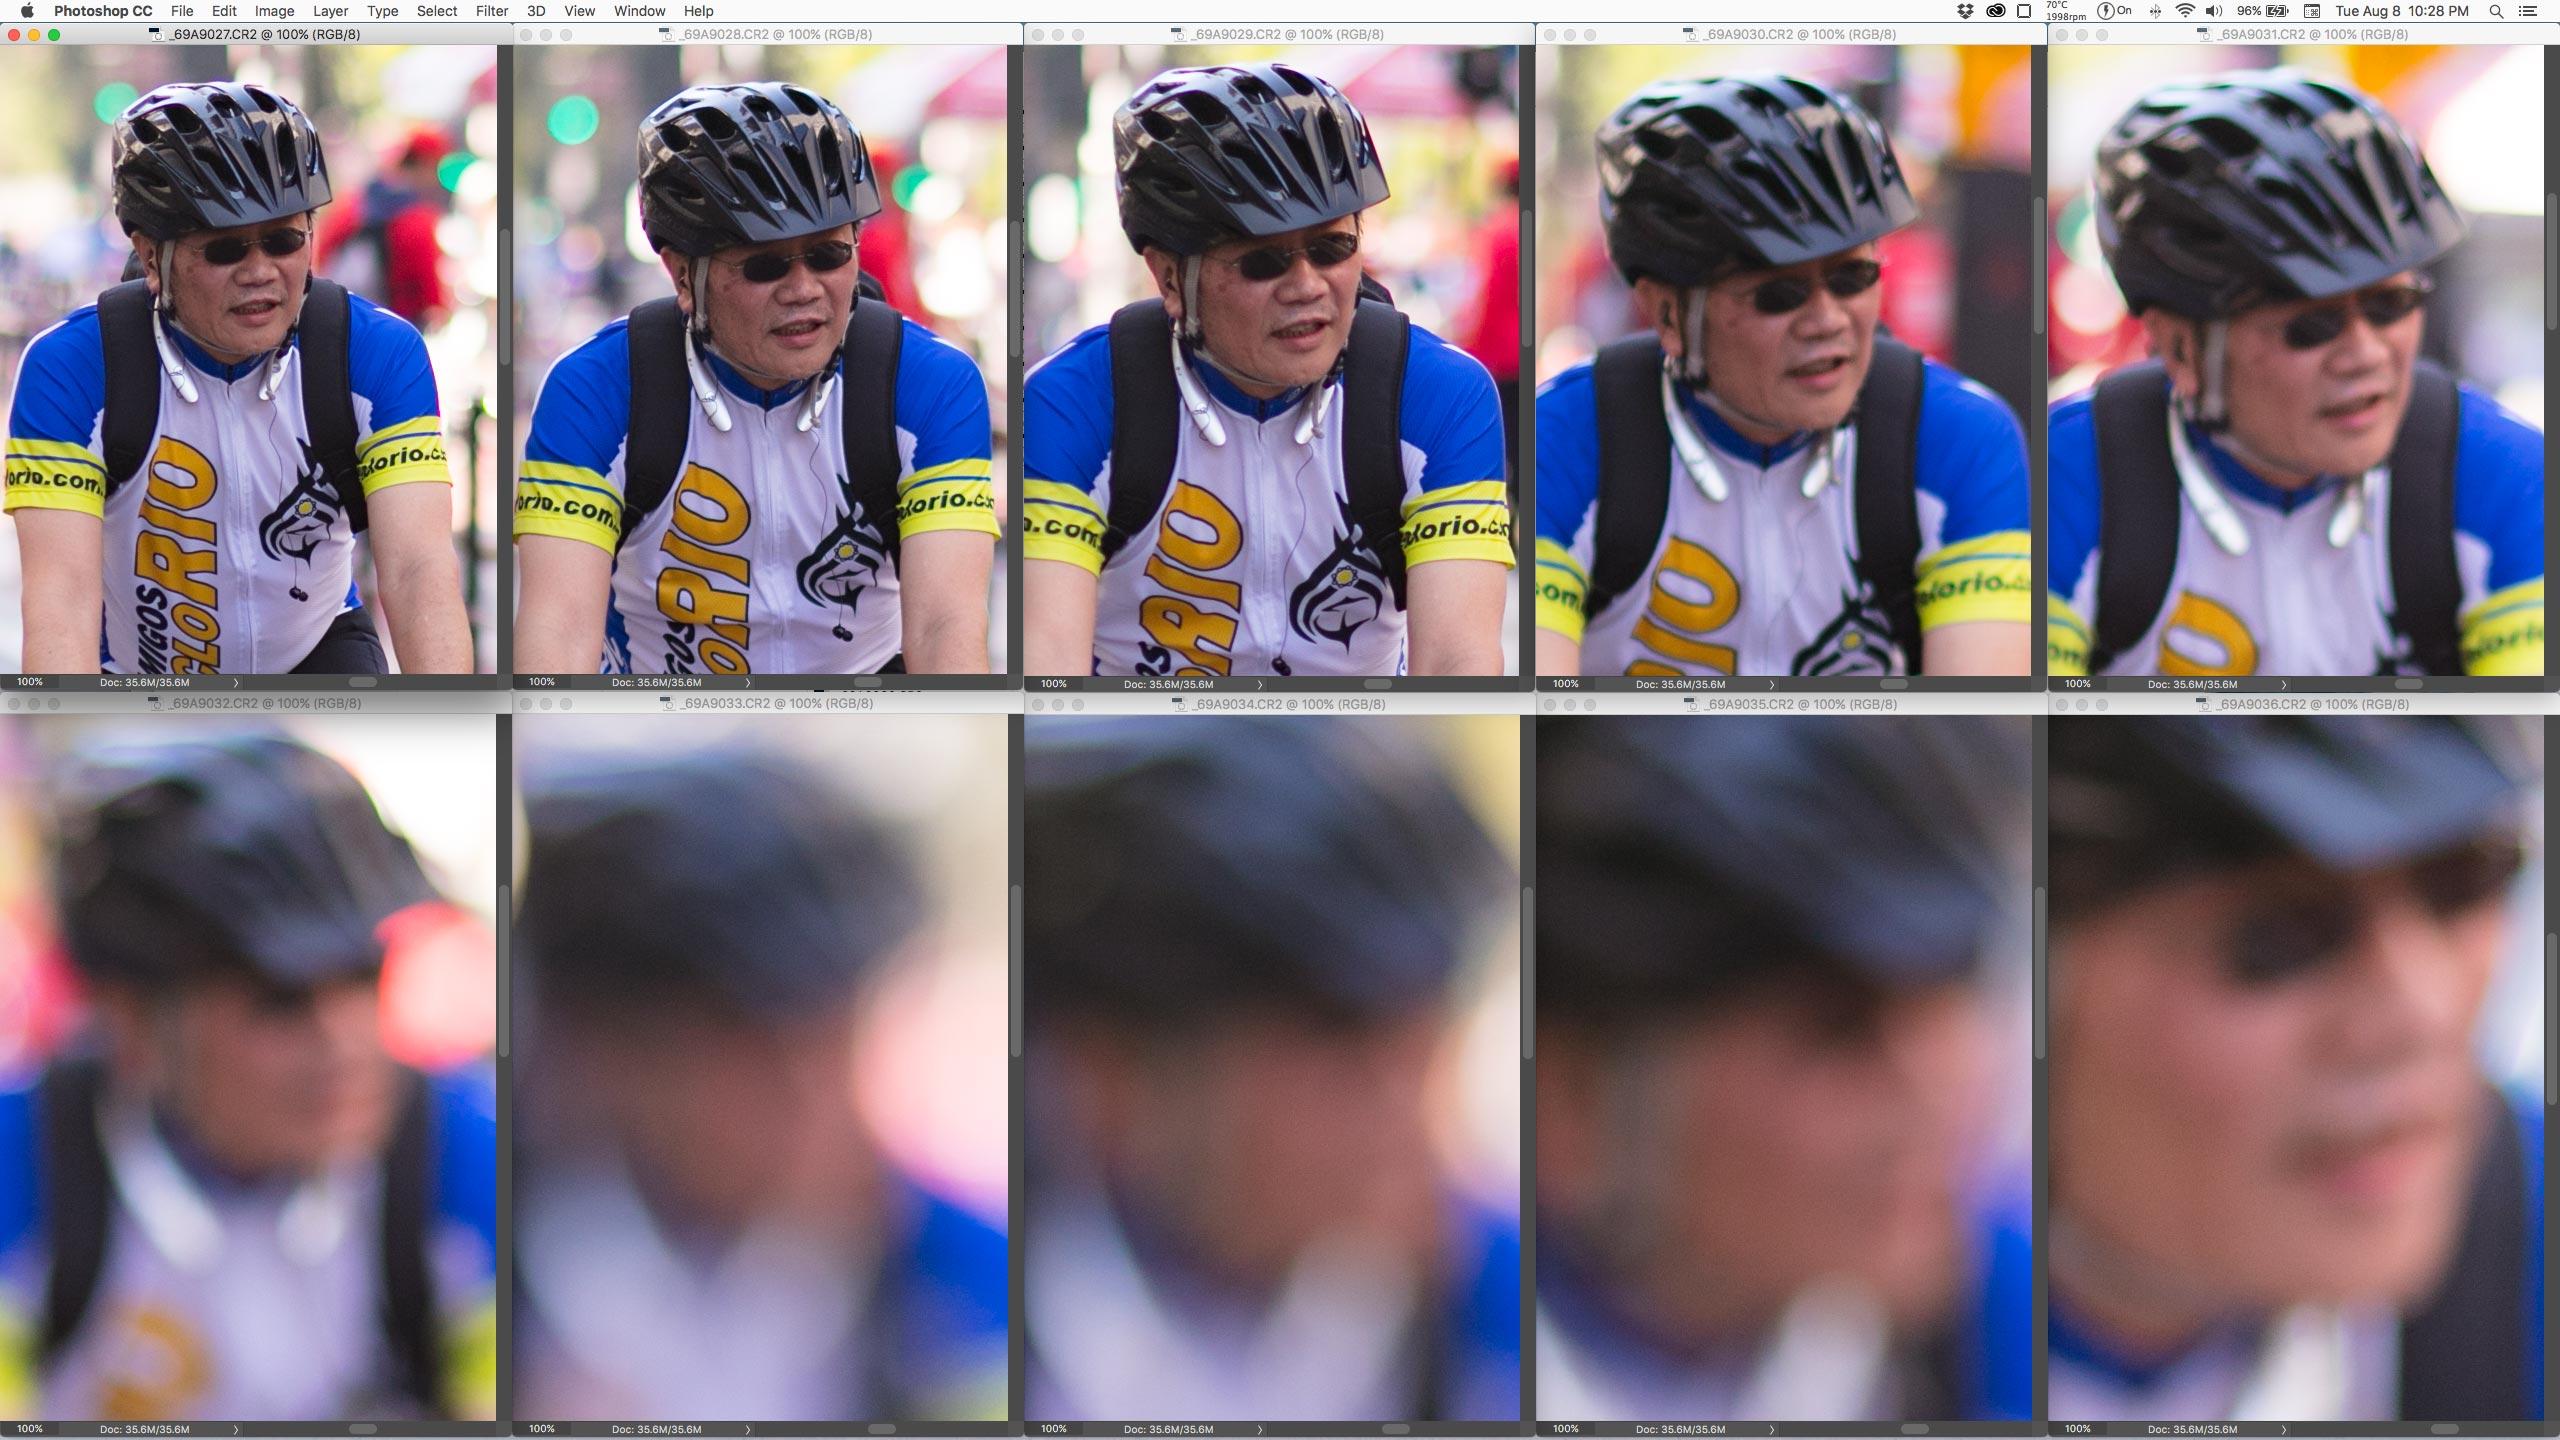 100% crop, logo depois das primeiras fotos, a objetiva se perde na posição do foco. (clique pra ver maior)